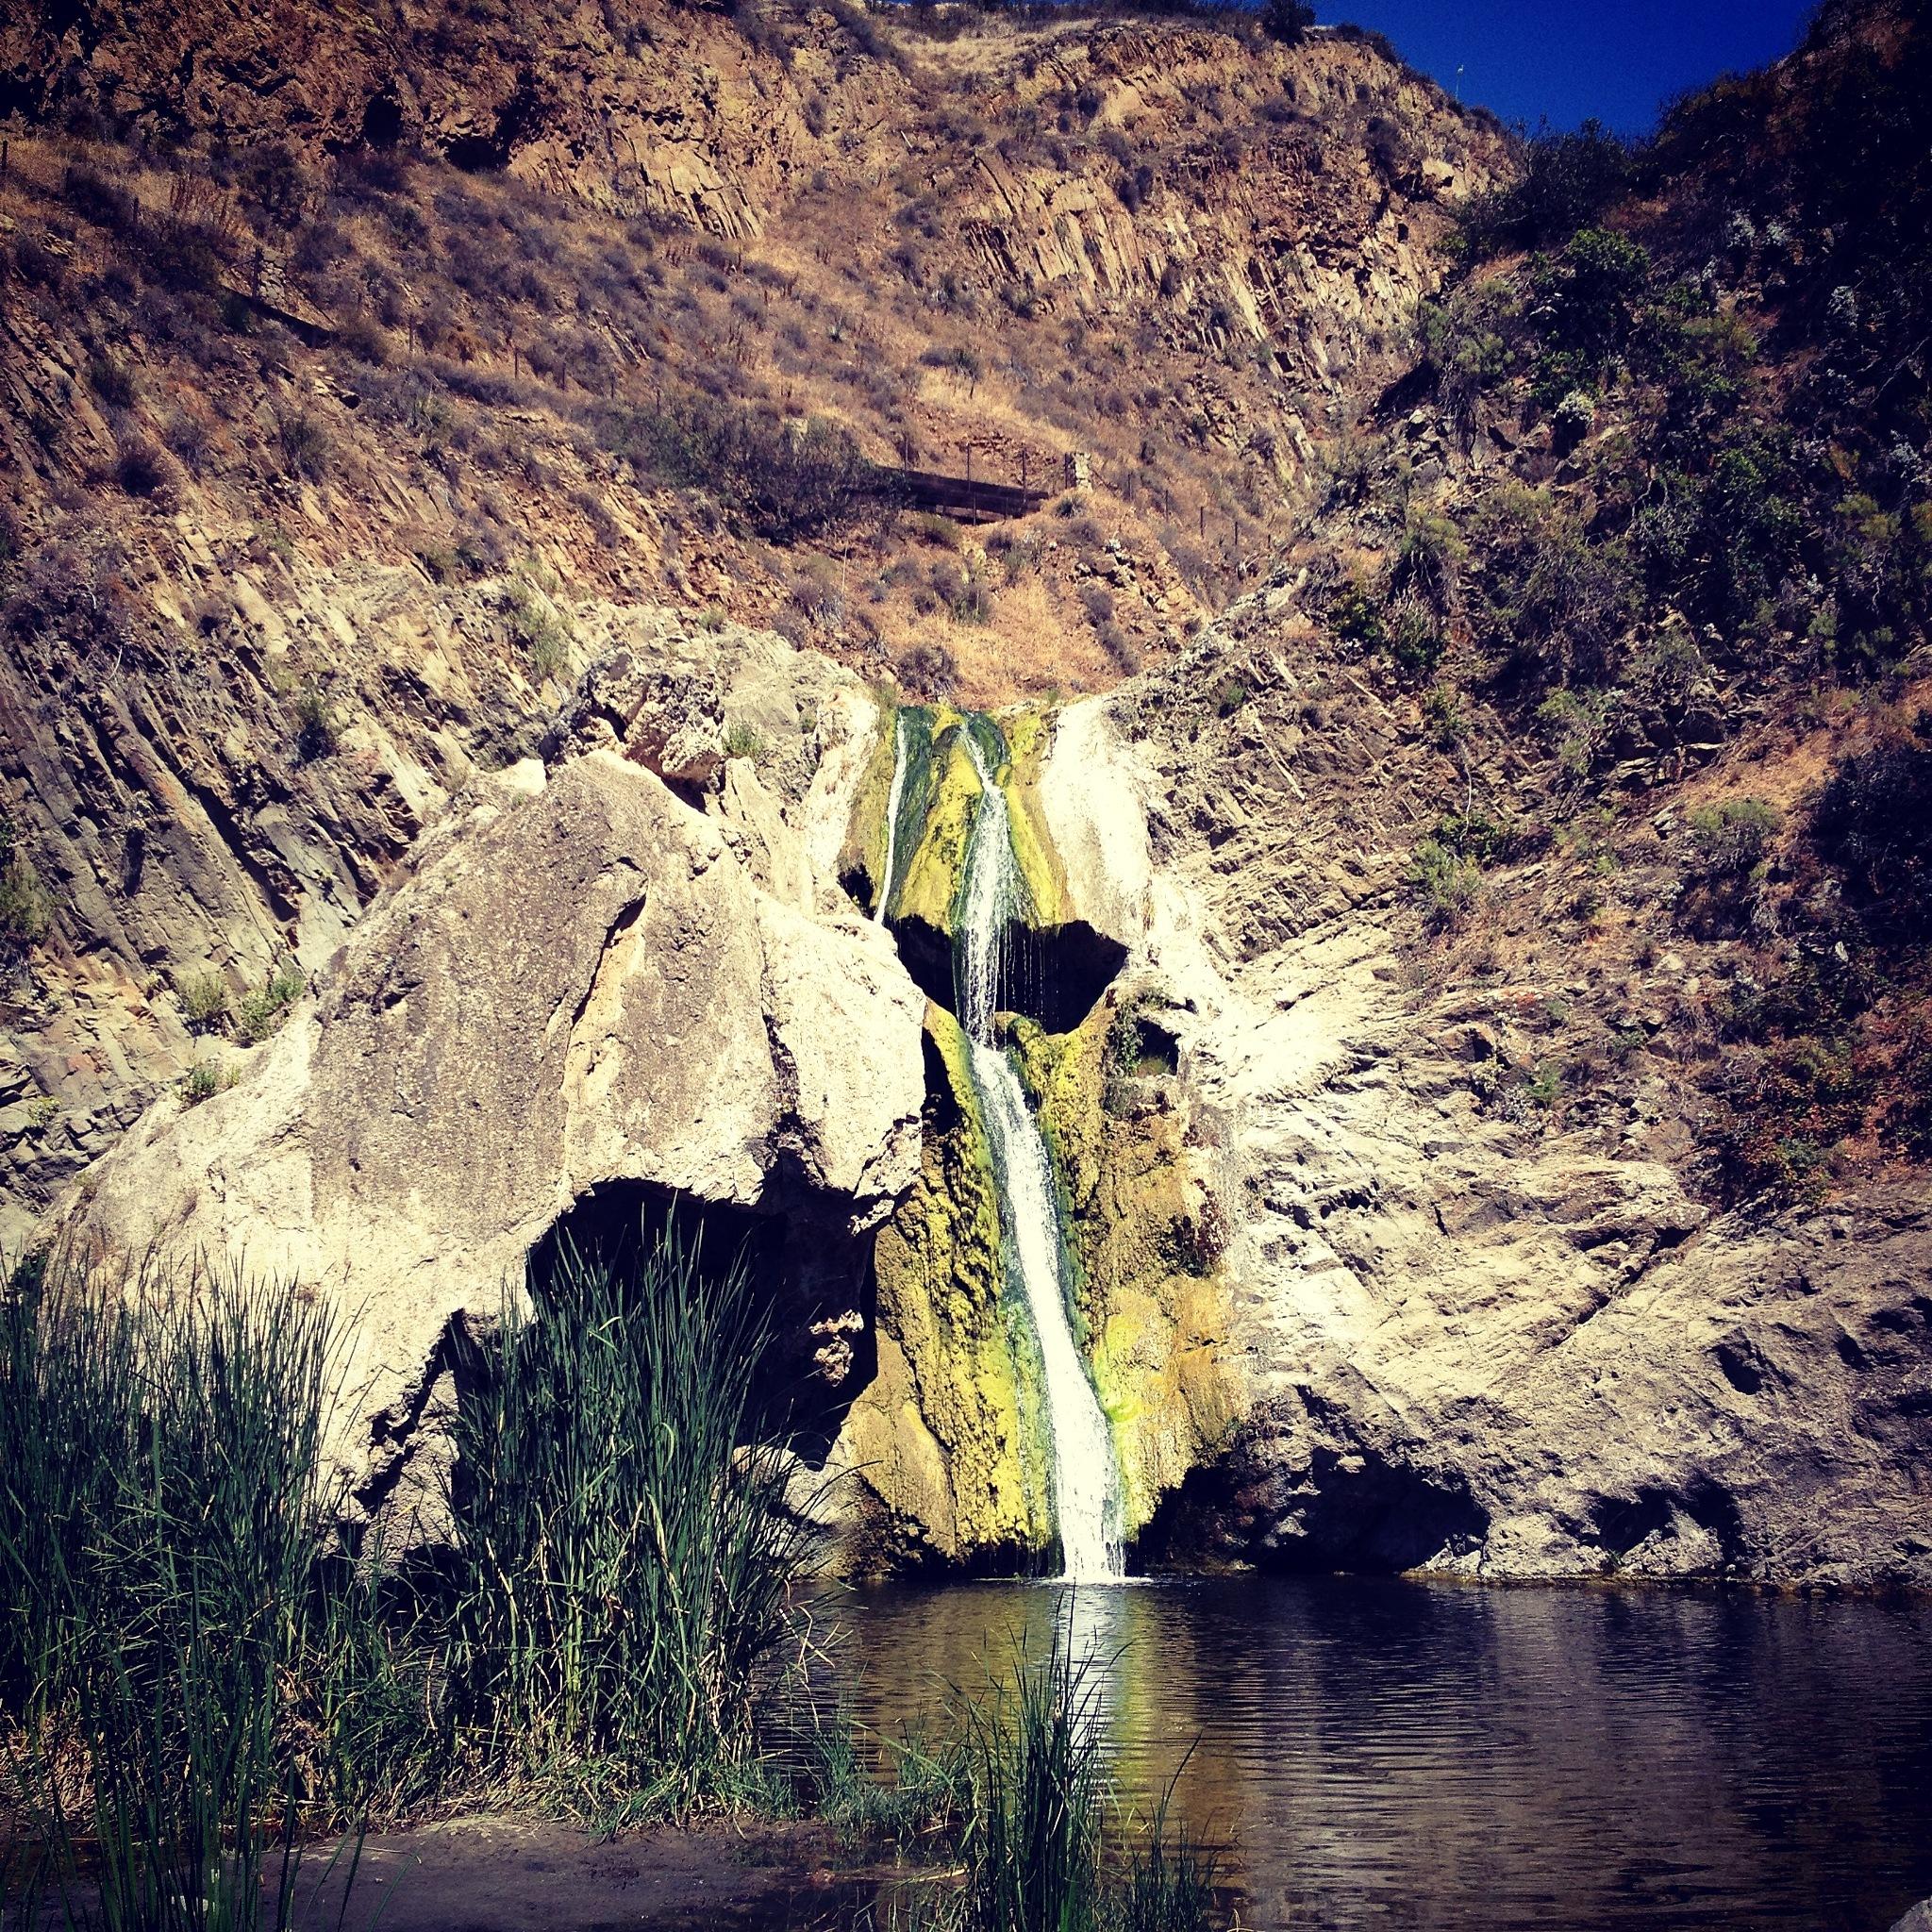 Waterfall at Wildwood park by OlgaYaniraFrias